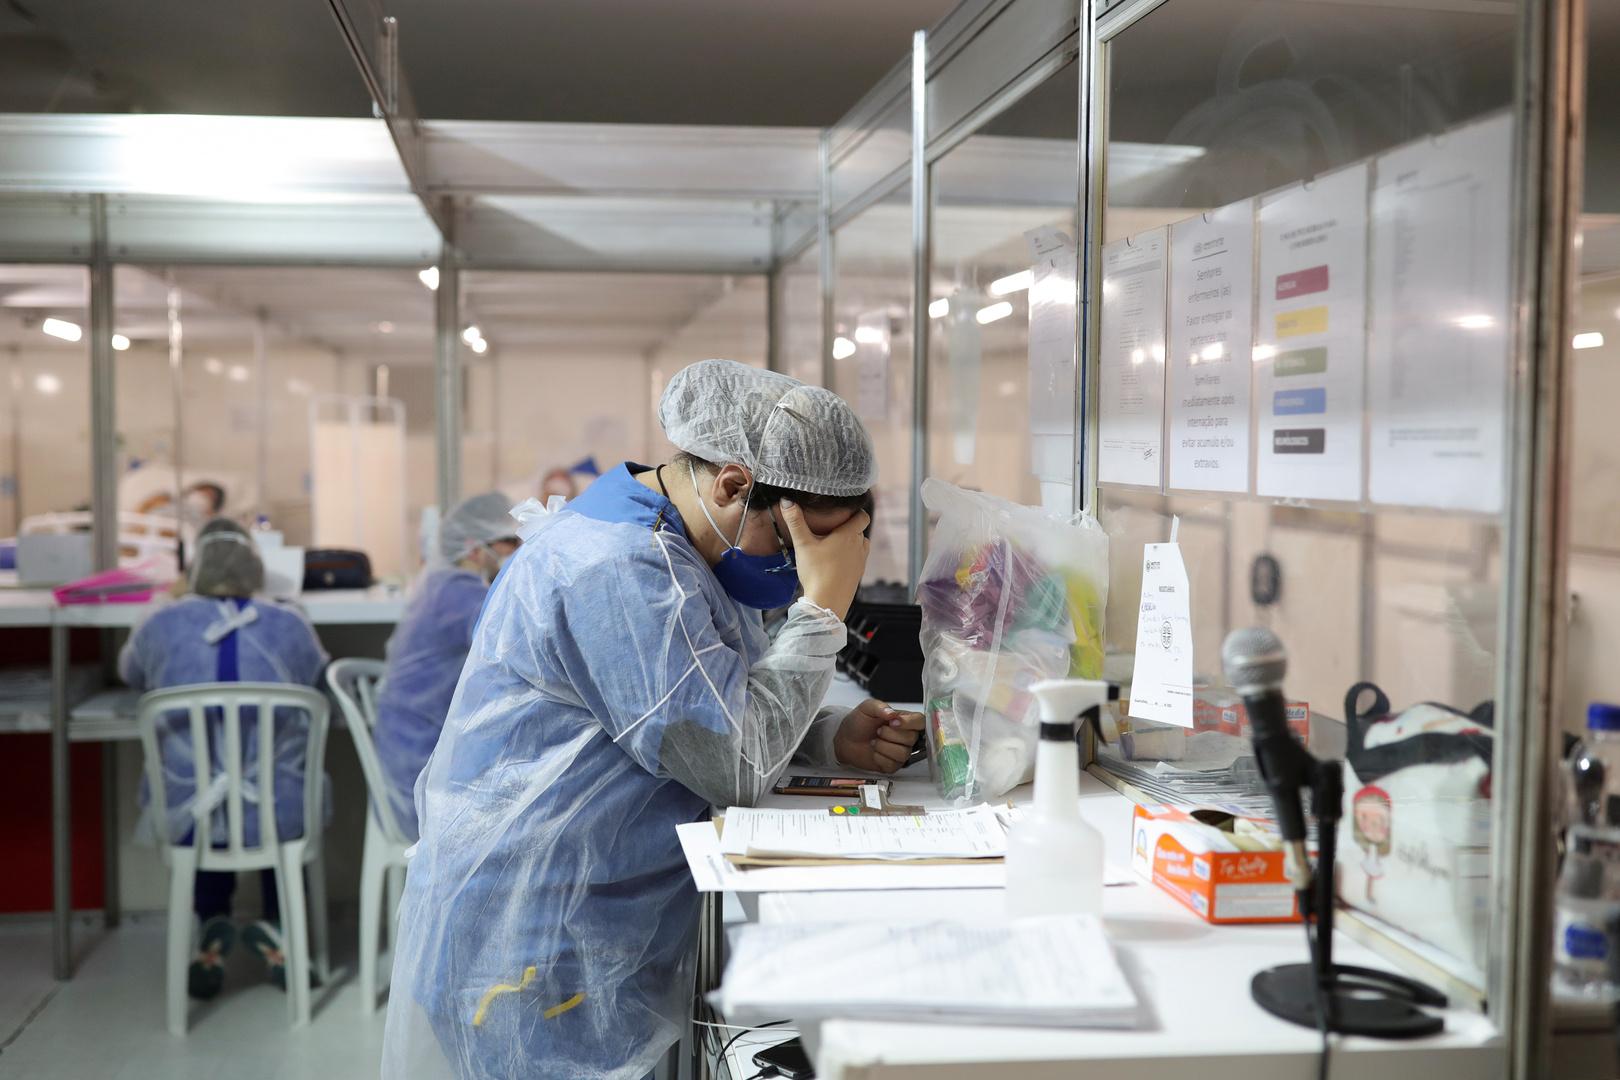 قرابة 100 الف حالة وفاة بكورونا في العالم خلال أسبوع